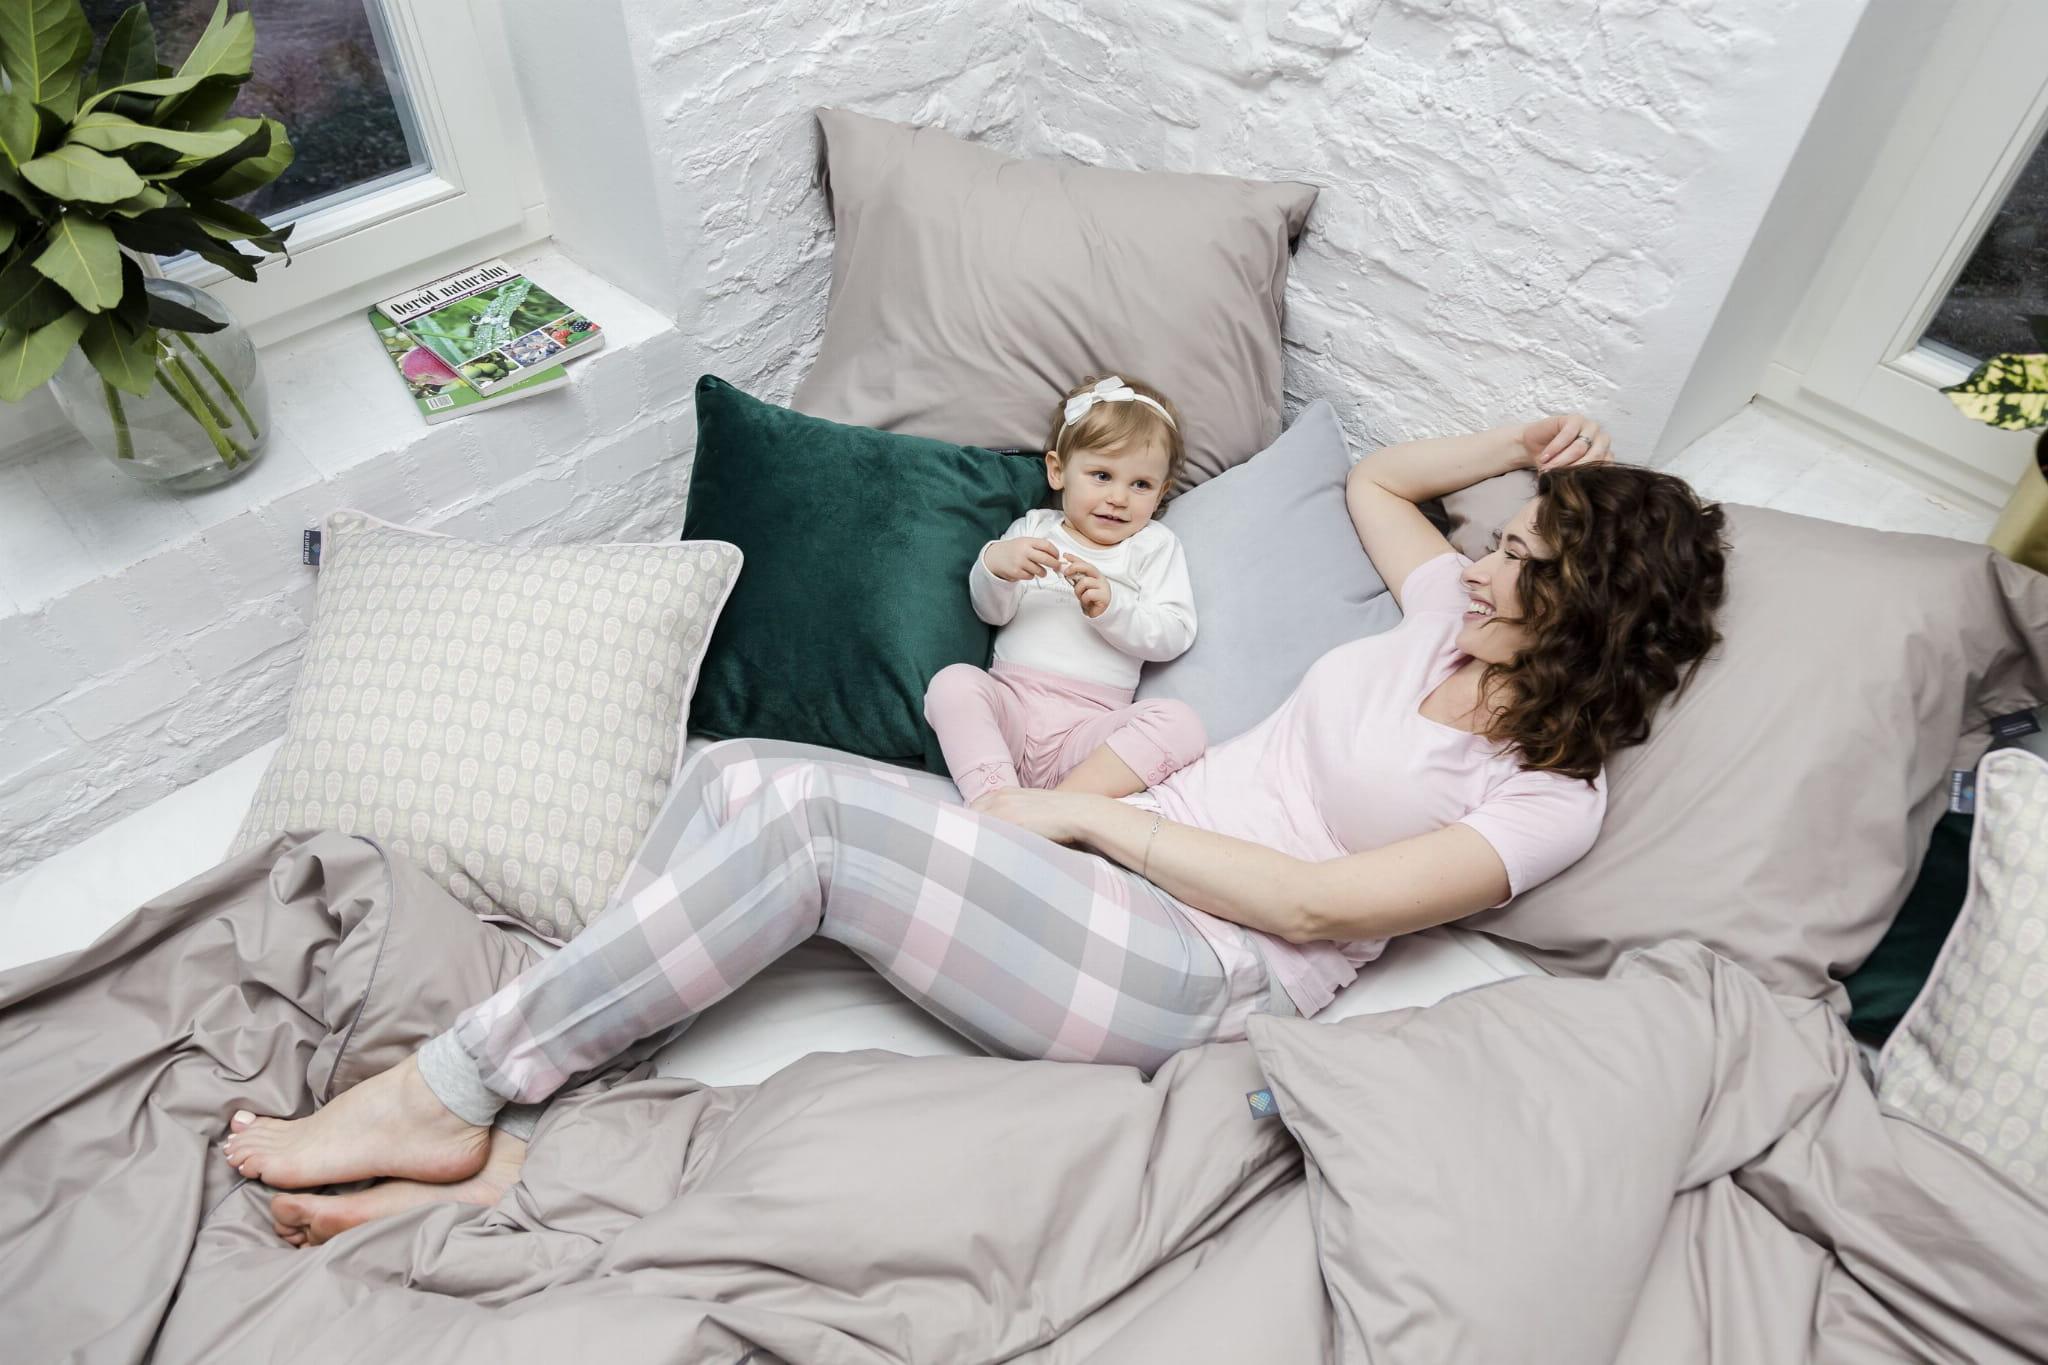 Pościel Beige w kolorze beżowym z minimalistyczną szarą lamówką. Bawełniana pościel idealnie komponuje się z dodatkami: poduszką Deep Forest i Aztec Pattern. Jako odpowiedzialny polski producent zwracamy uwagę na każdy szczegół, dlatego pościel We Love Beds jest: naturalna, wykonana w 100% bawełny egipskie mako, utkanej w Mediolanie zaprojektowana i wykonana w Polsce przez nasze doświadczone polskie krawcowe, bardzo gęsto tkana , wytrzymała, a zarazem lekka, szczególnie przyjemna i miła dla skóry, zapinana na zamek błyskawiczny specjalnie skonstruowany do pościeli ( dla lepszego komfortu użytkowania ) japońskiej marki YKK z dożywotnią gwarancją* w identycznym kolorze Pantone co bawełna uszyta nićmi światowego lidera, identycznymi w kolorze Pantone co bawełna wykończona ozdobną bizą - lamówką w kolorze szarym, charakterystycznym dla naszej marki pakowana w eleganckie prezentowe pudełko Pościel nie obejmuje wypełnienia *dożywotnia gwarancja zamka – wymienimy zamek nawet po kilku latach u